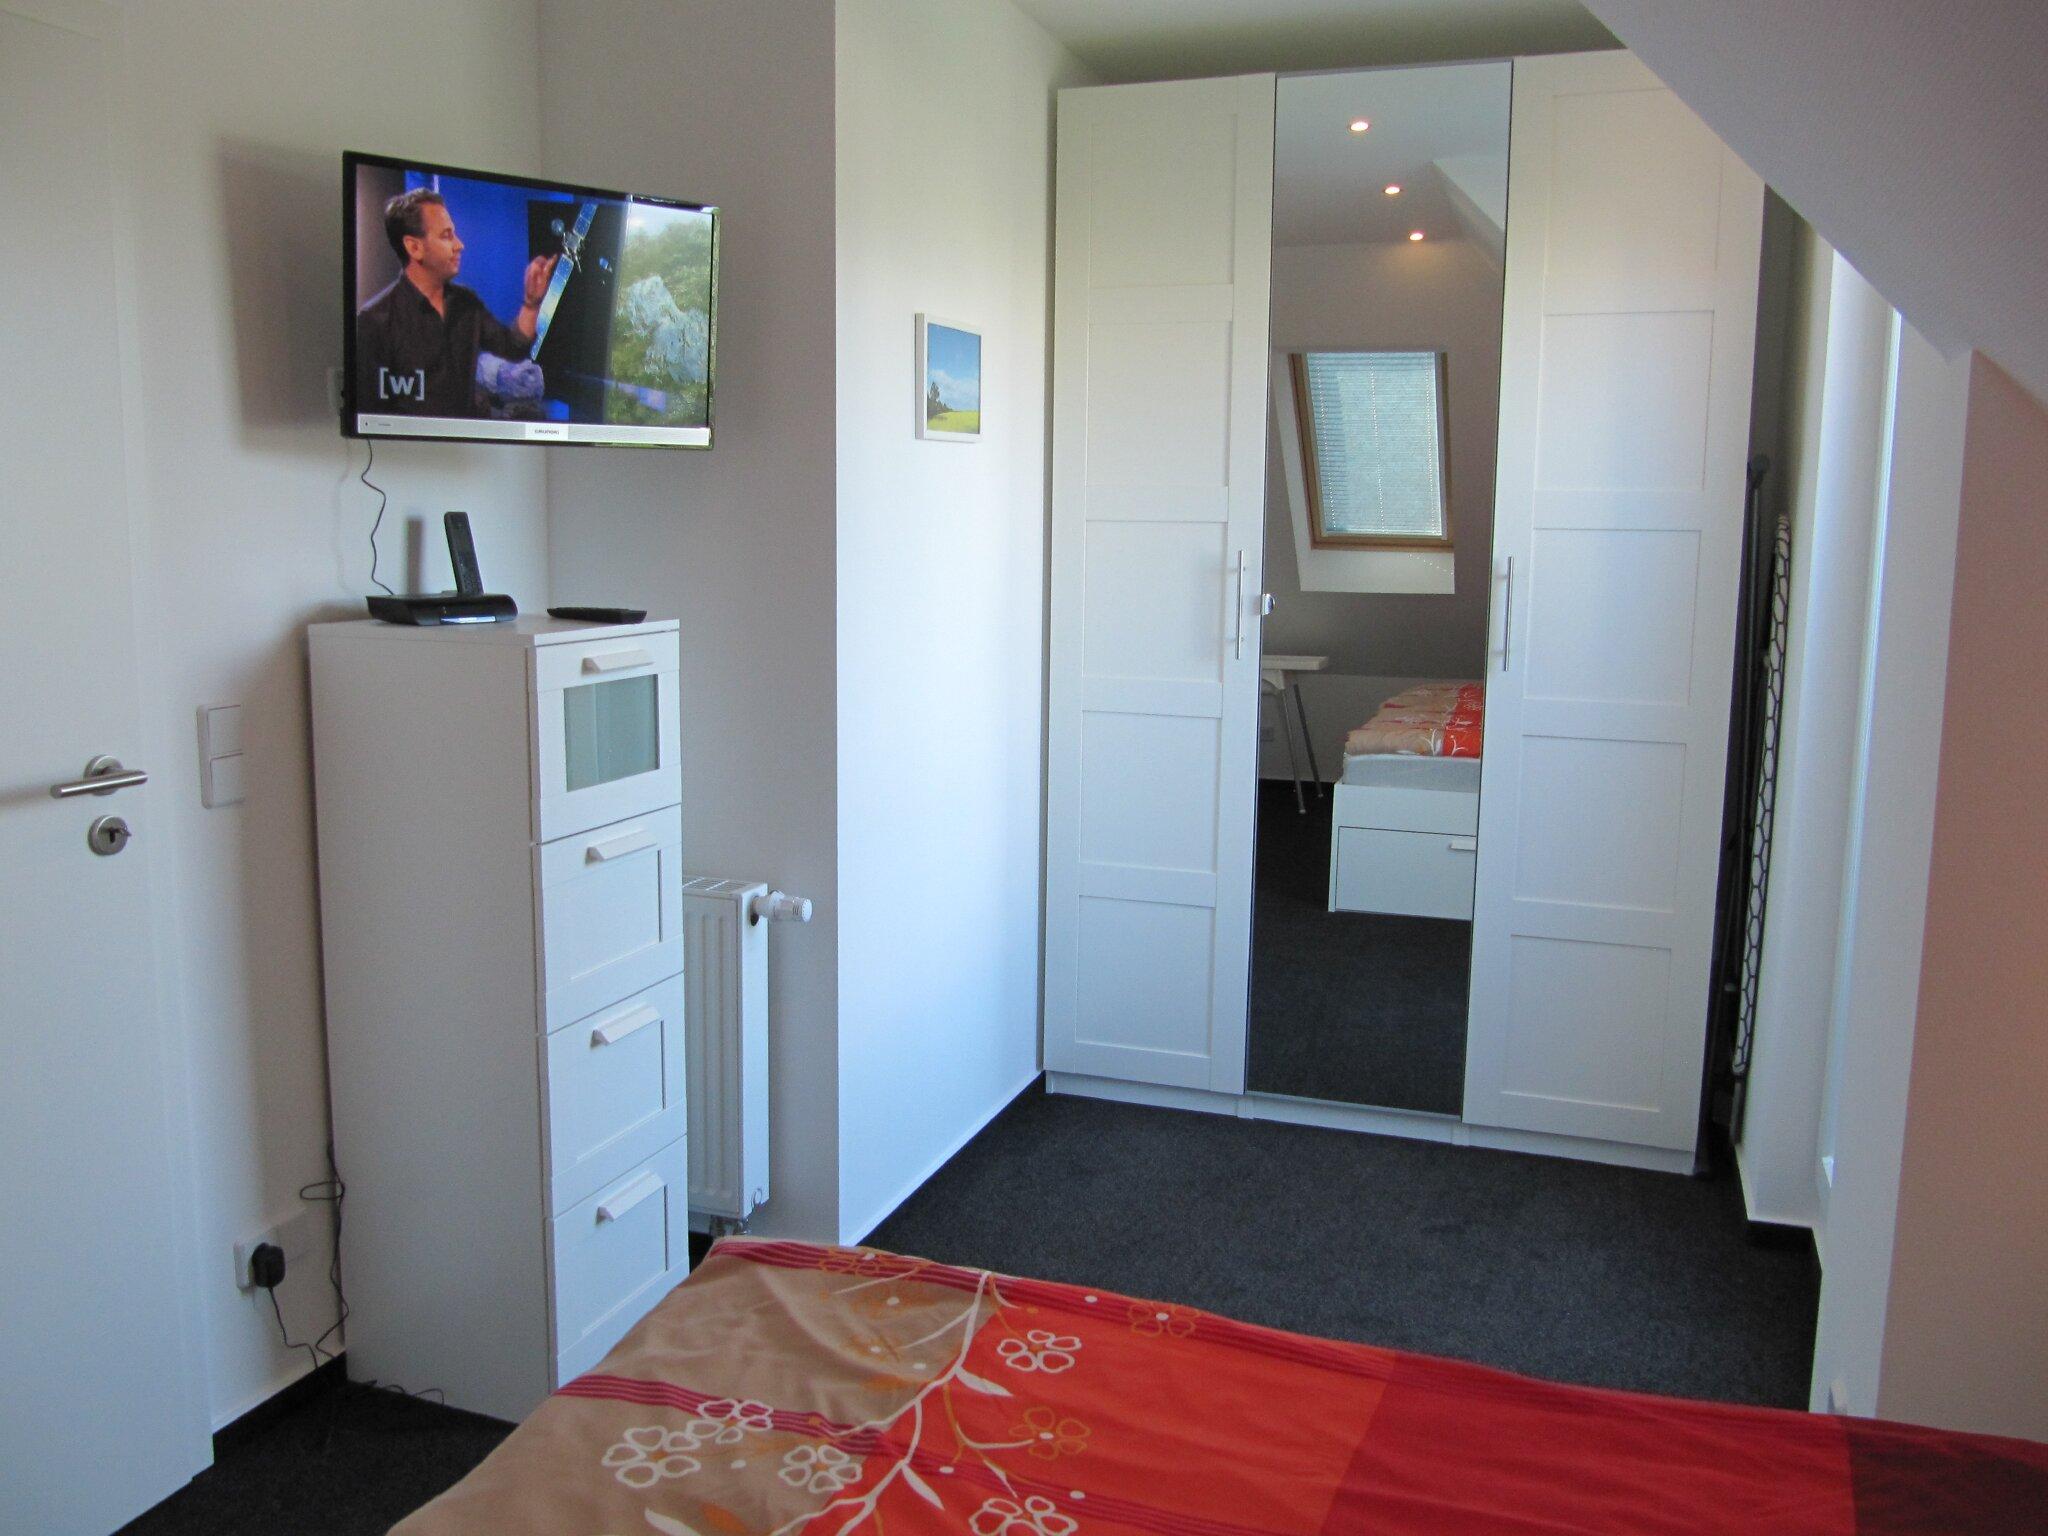 Schlafzimmer mit TV, Schrank u. Kommode